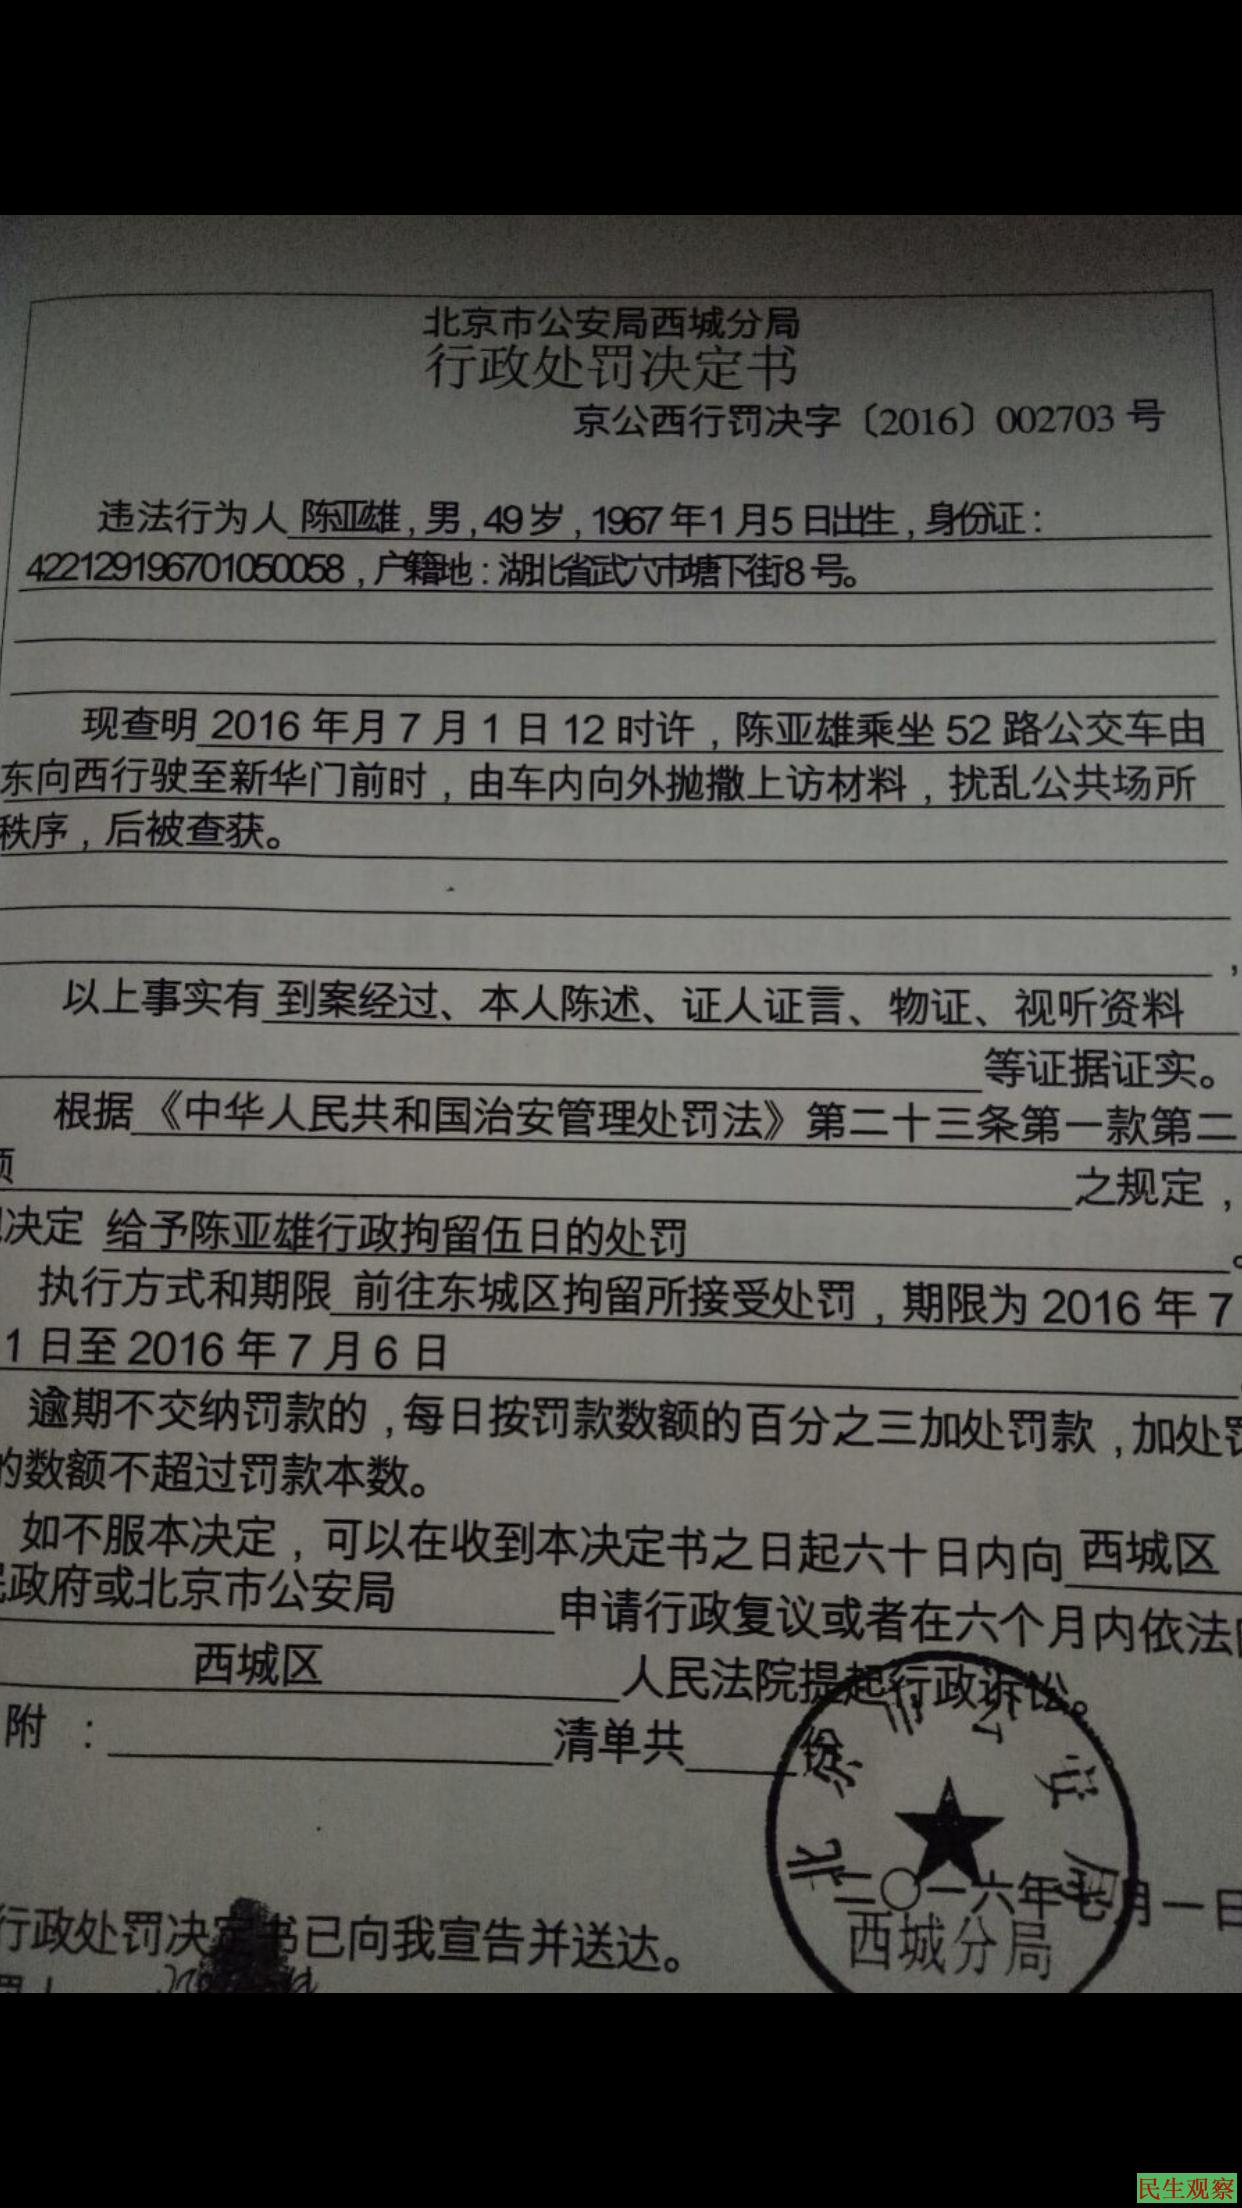 湖北省访民陈亚雄